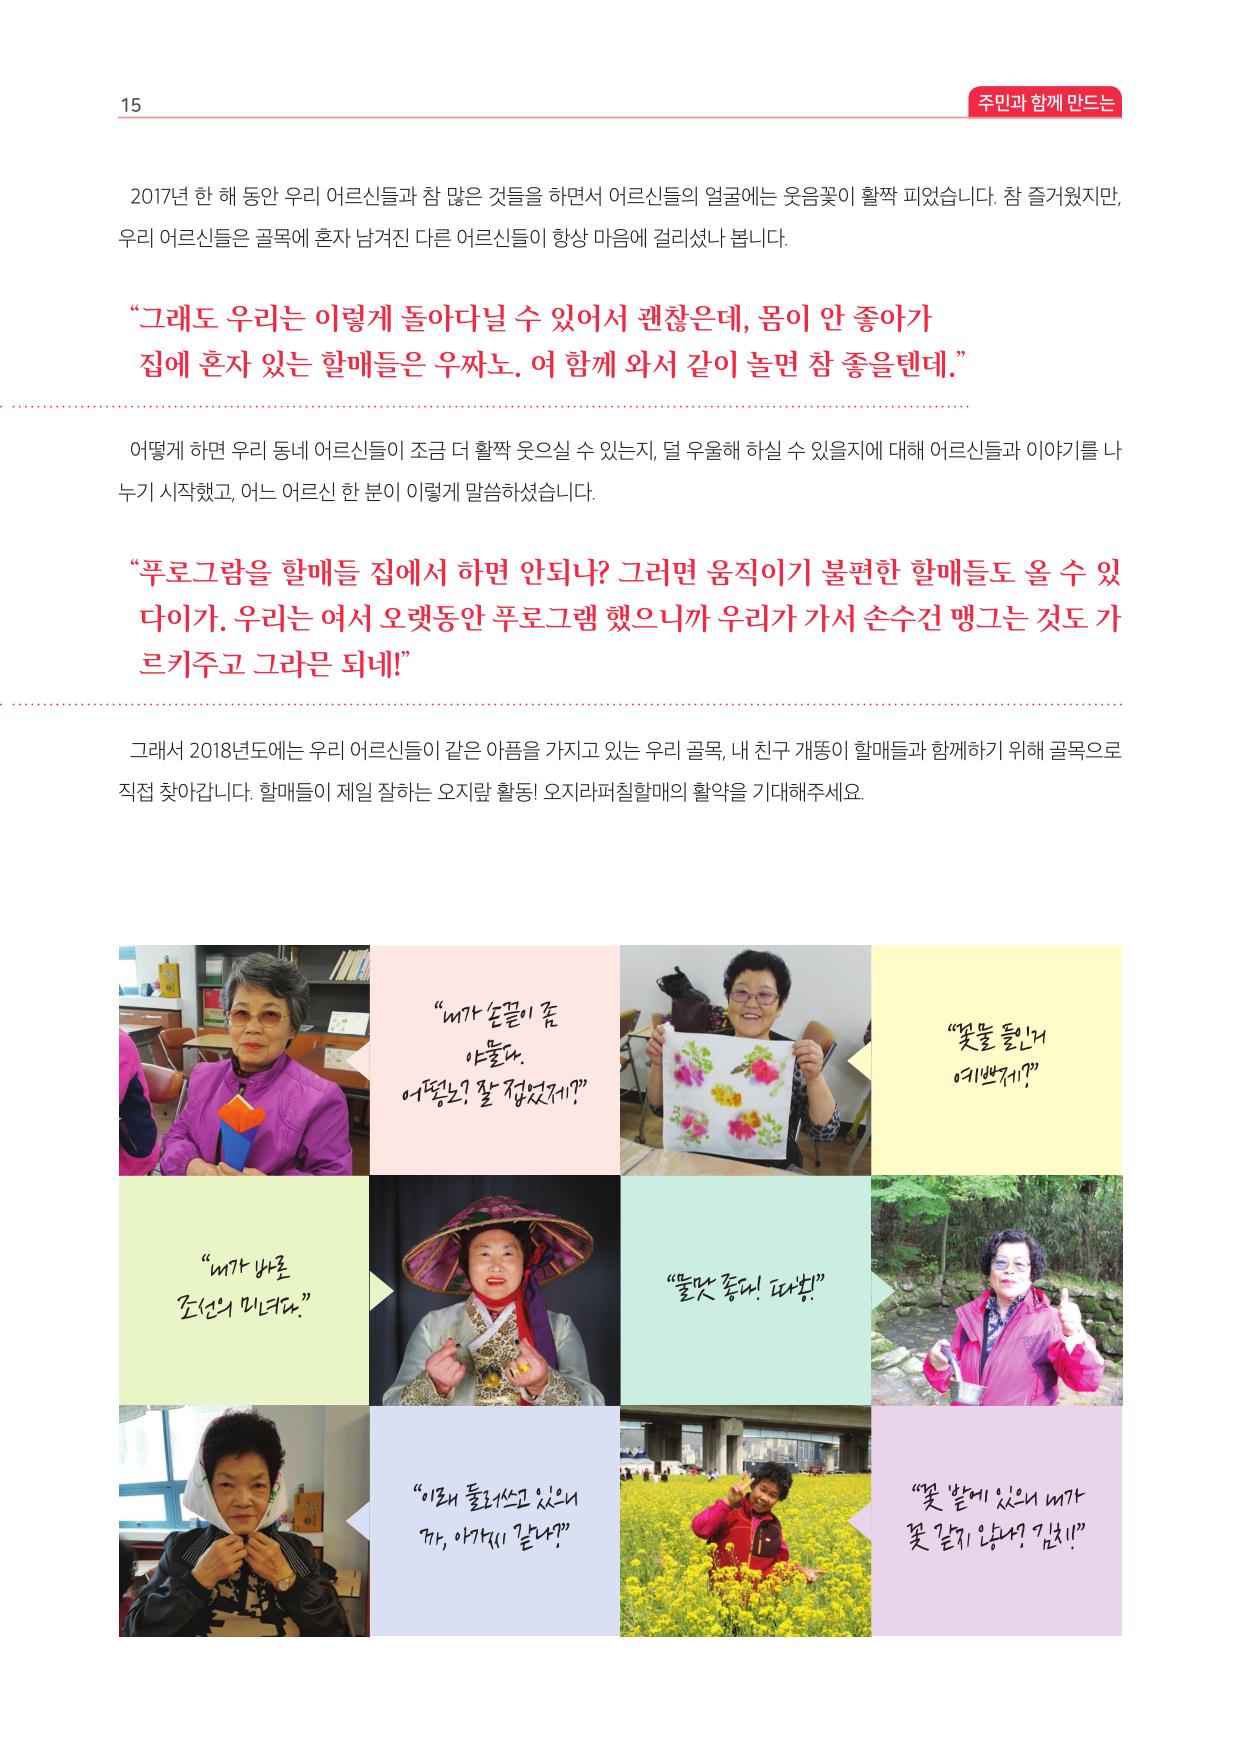 반송종합사회복지관연간소식지(2017)-15.jpg